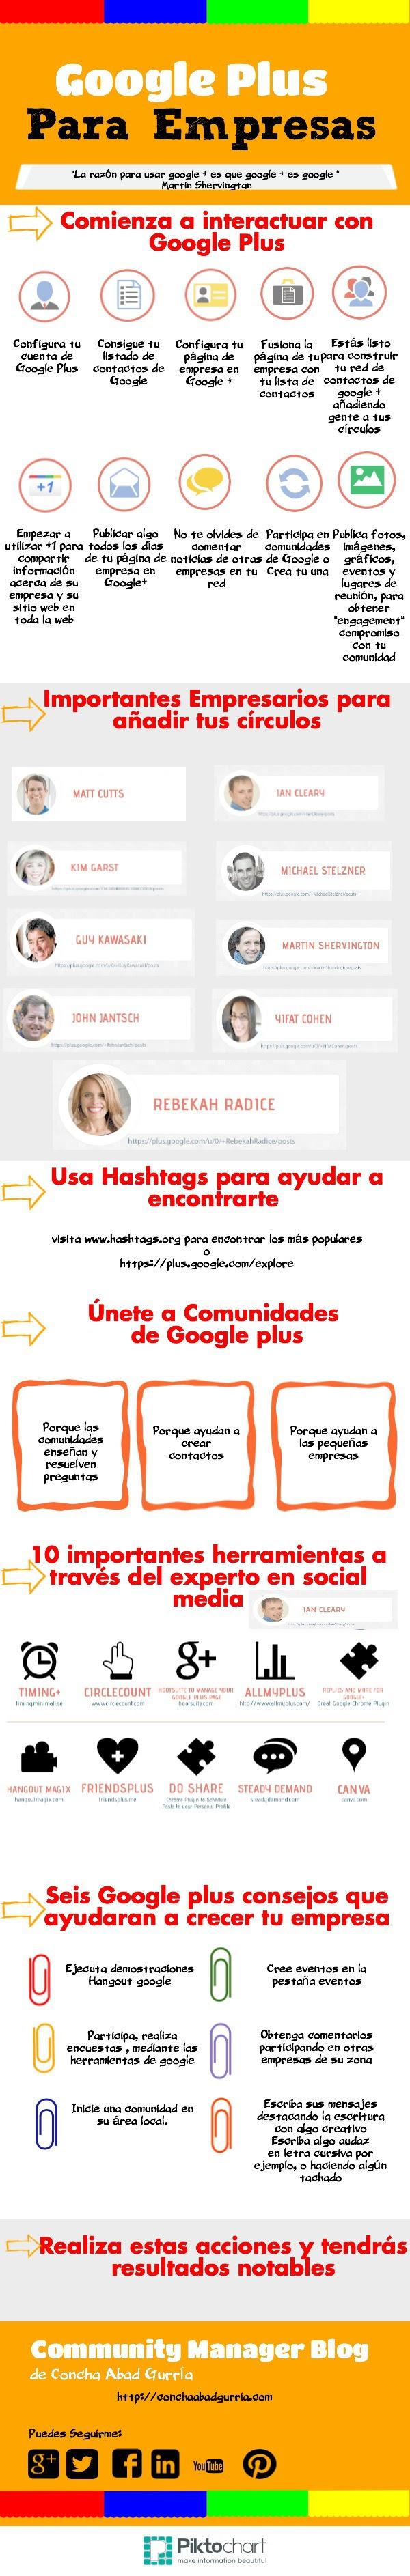 Google Plus para empresas (Infografía)